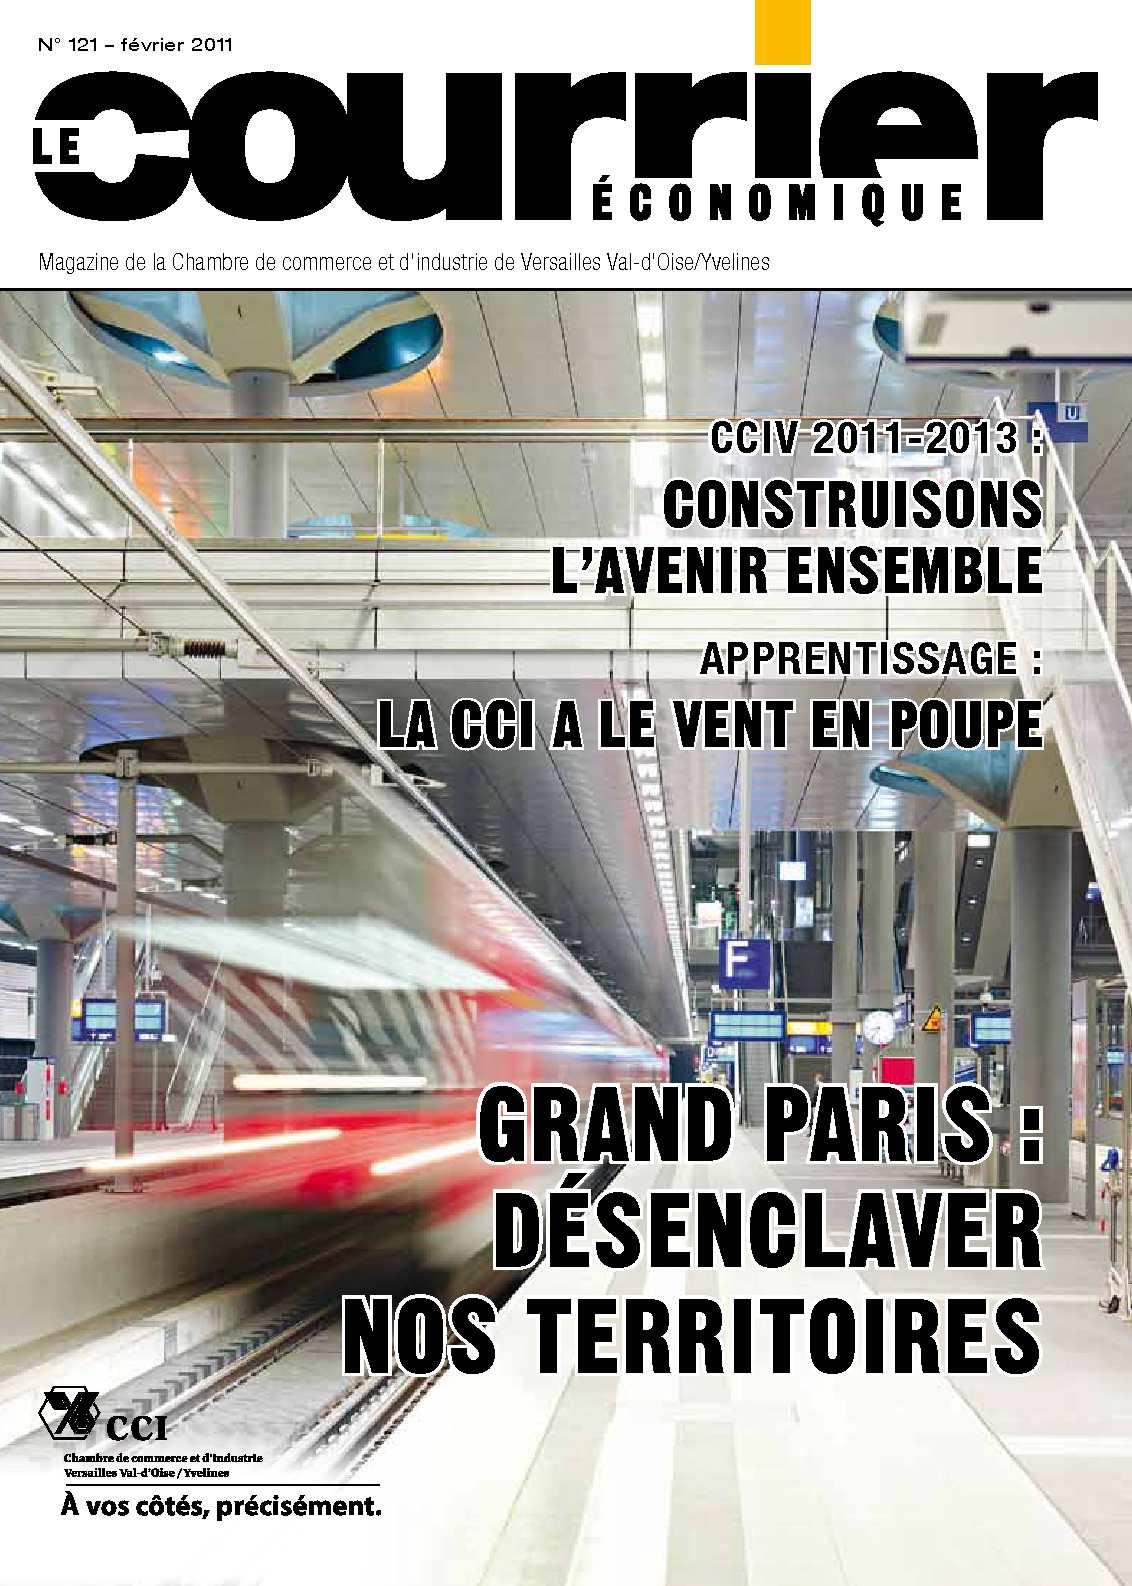 Calam o le courrier cononomique magazine de la cci val d 39 oise yvelines n 121 f vrier 2011 - Chambre de commerce versailles ...